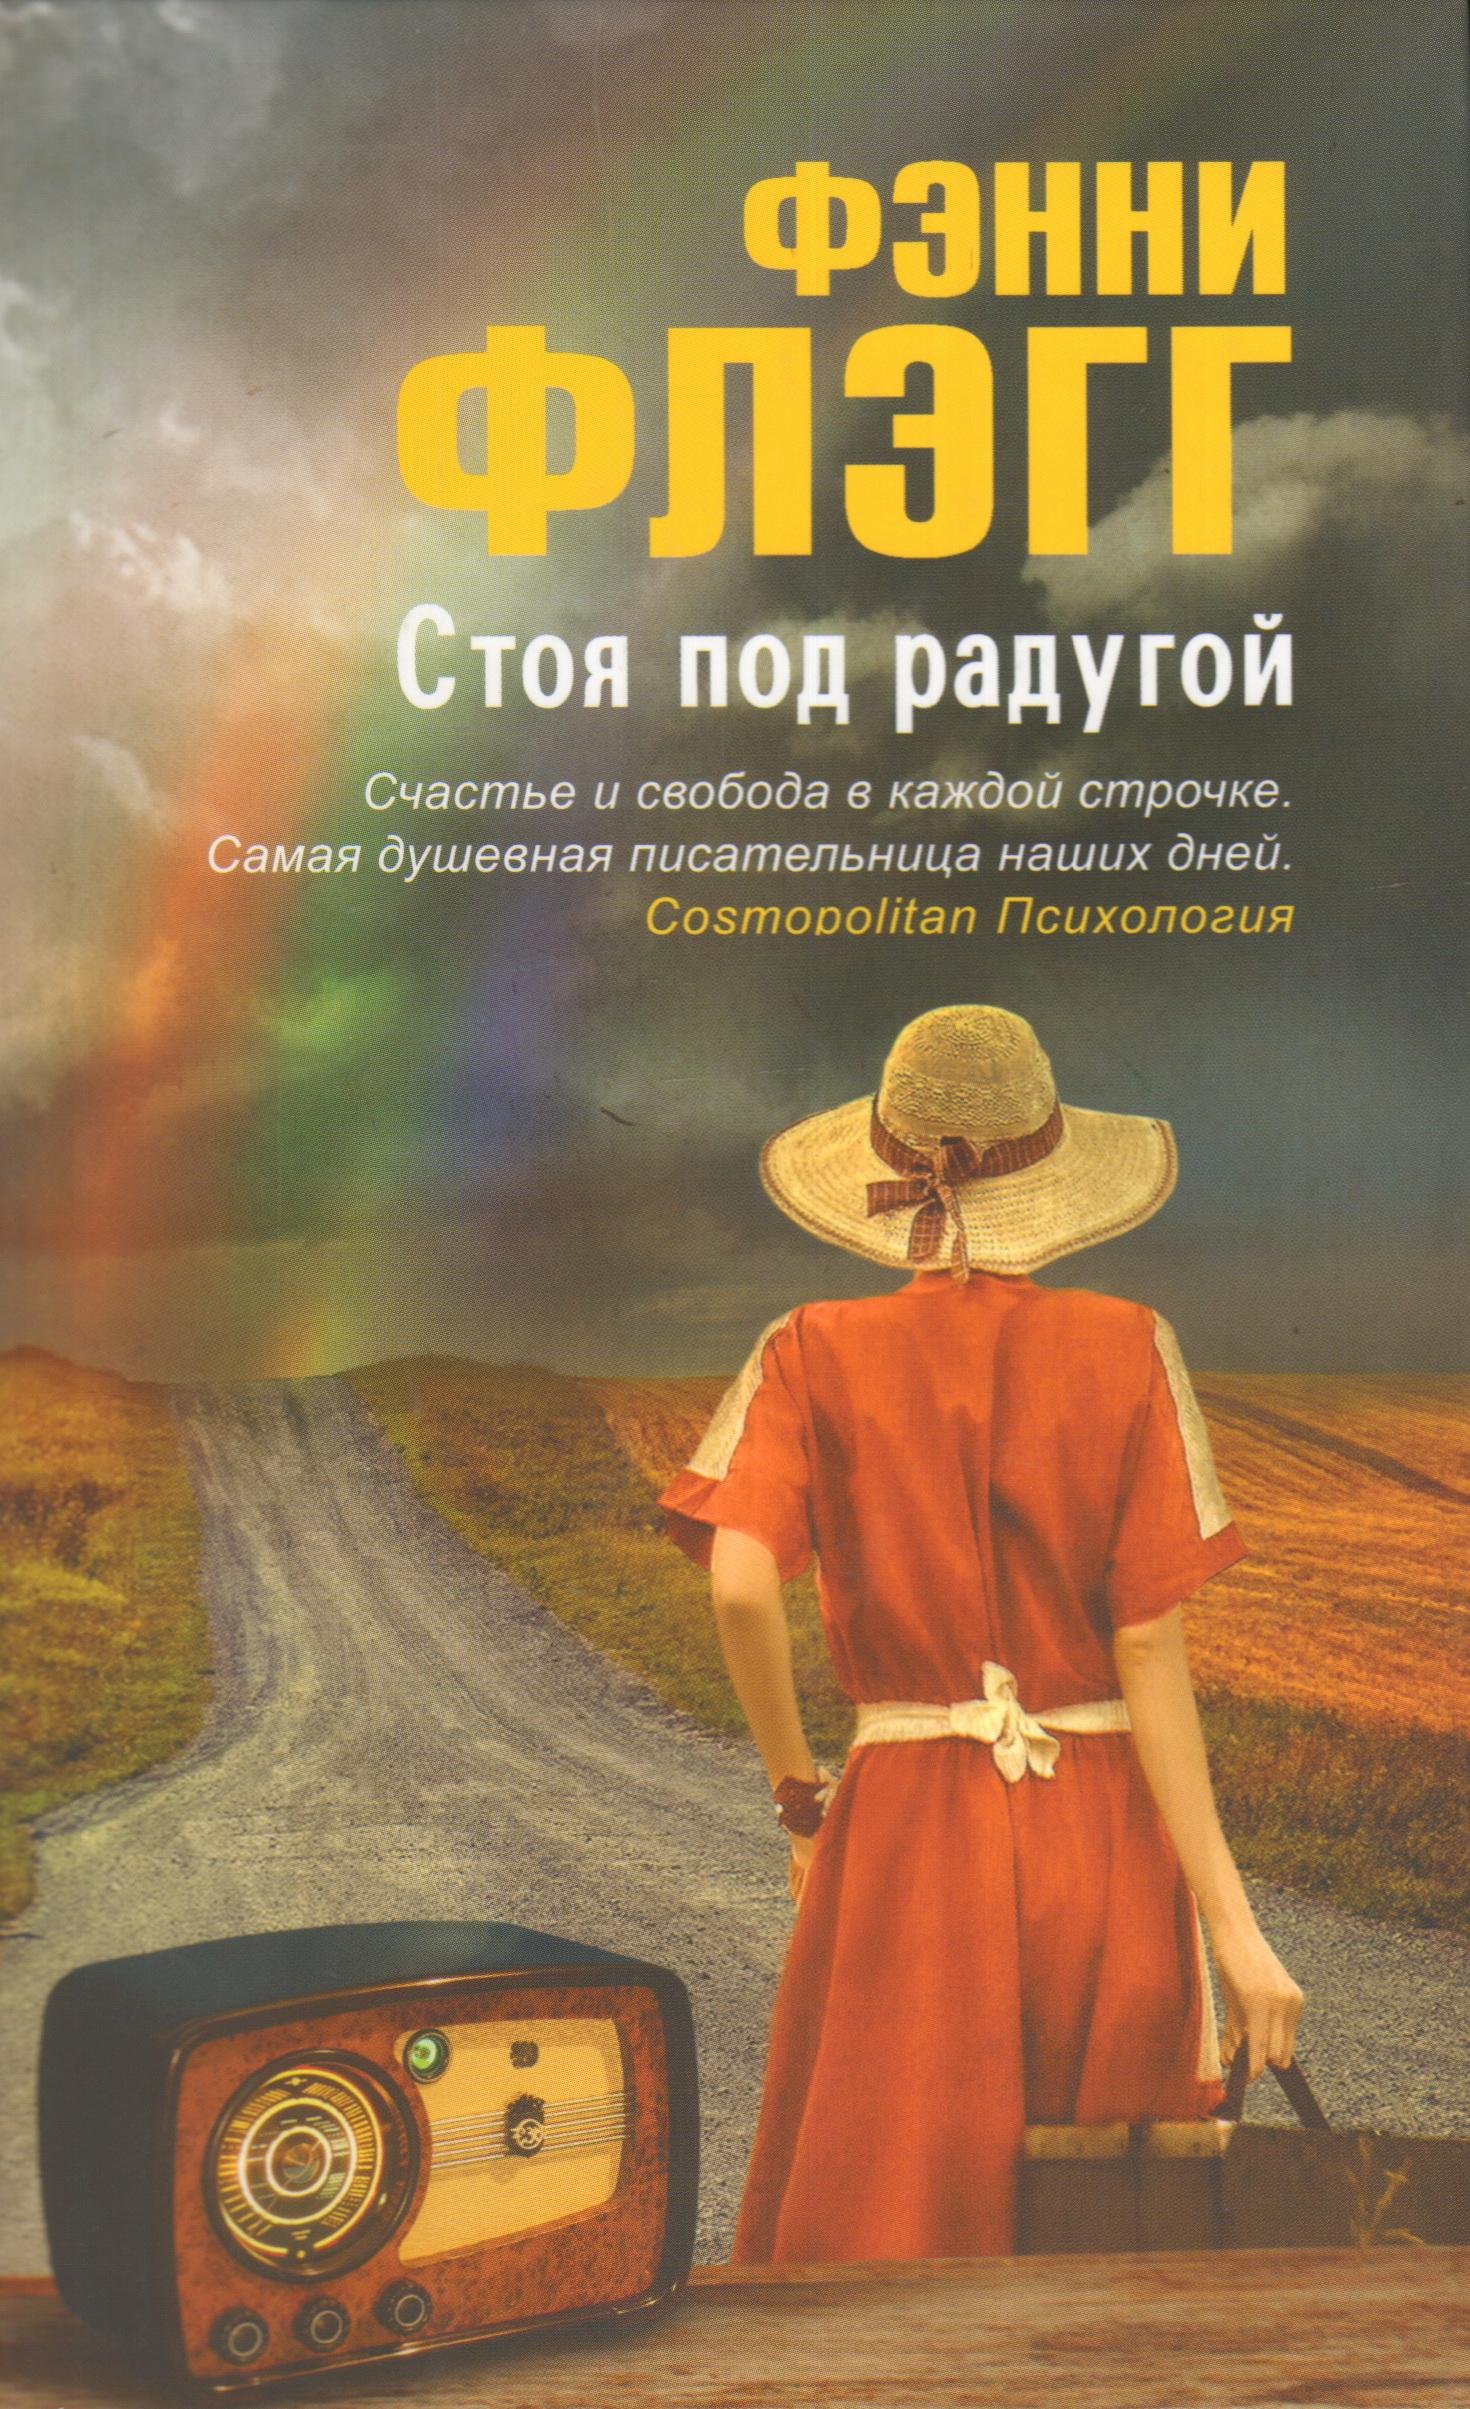 Фантом. Стоя под радугой, ст. 8, Флэгг Фэнни, 2014, 544 стр.